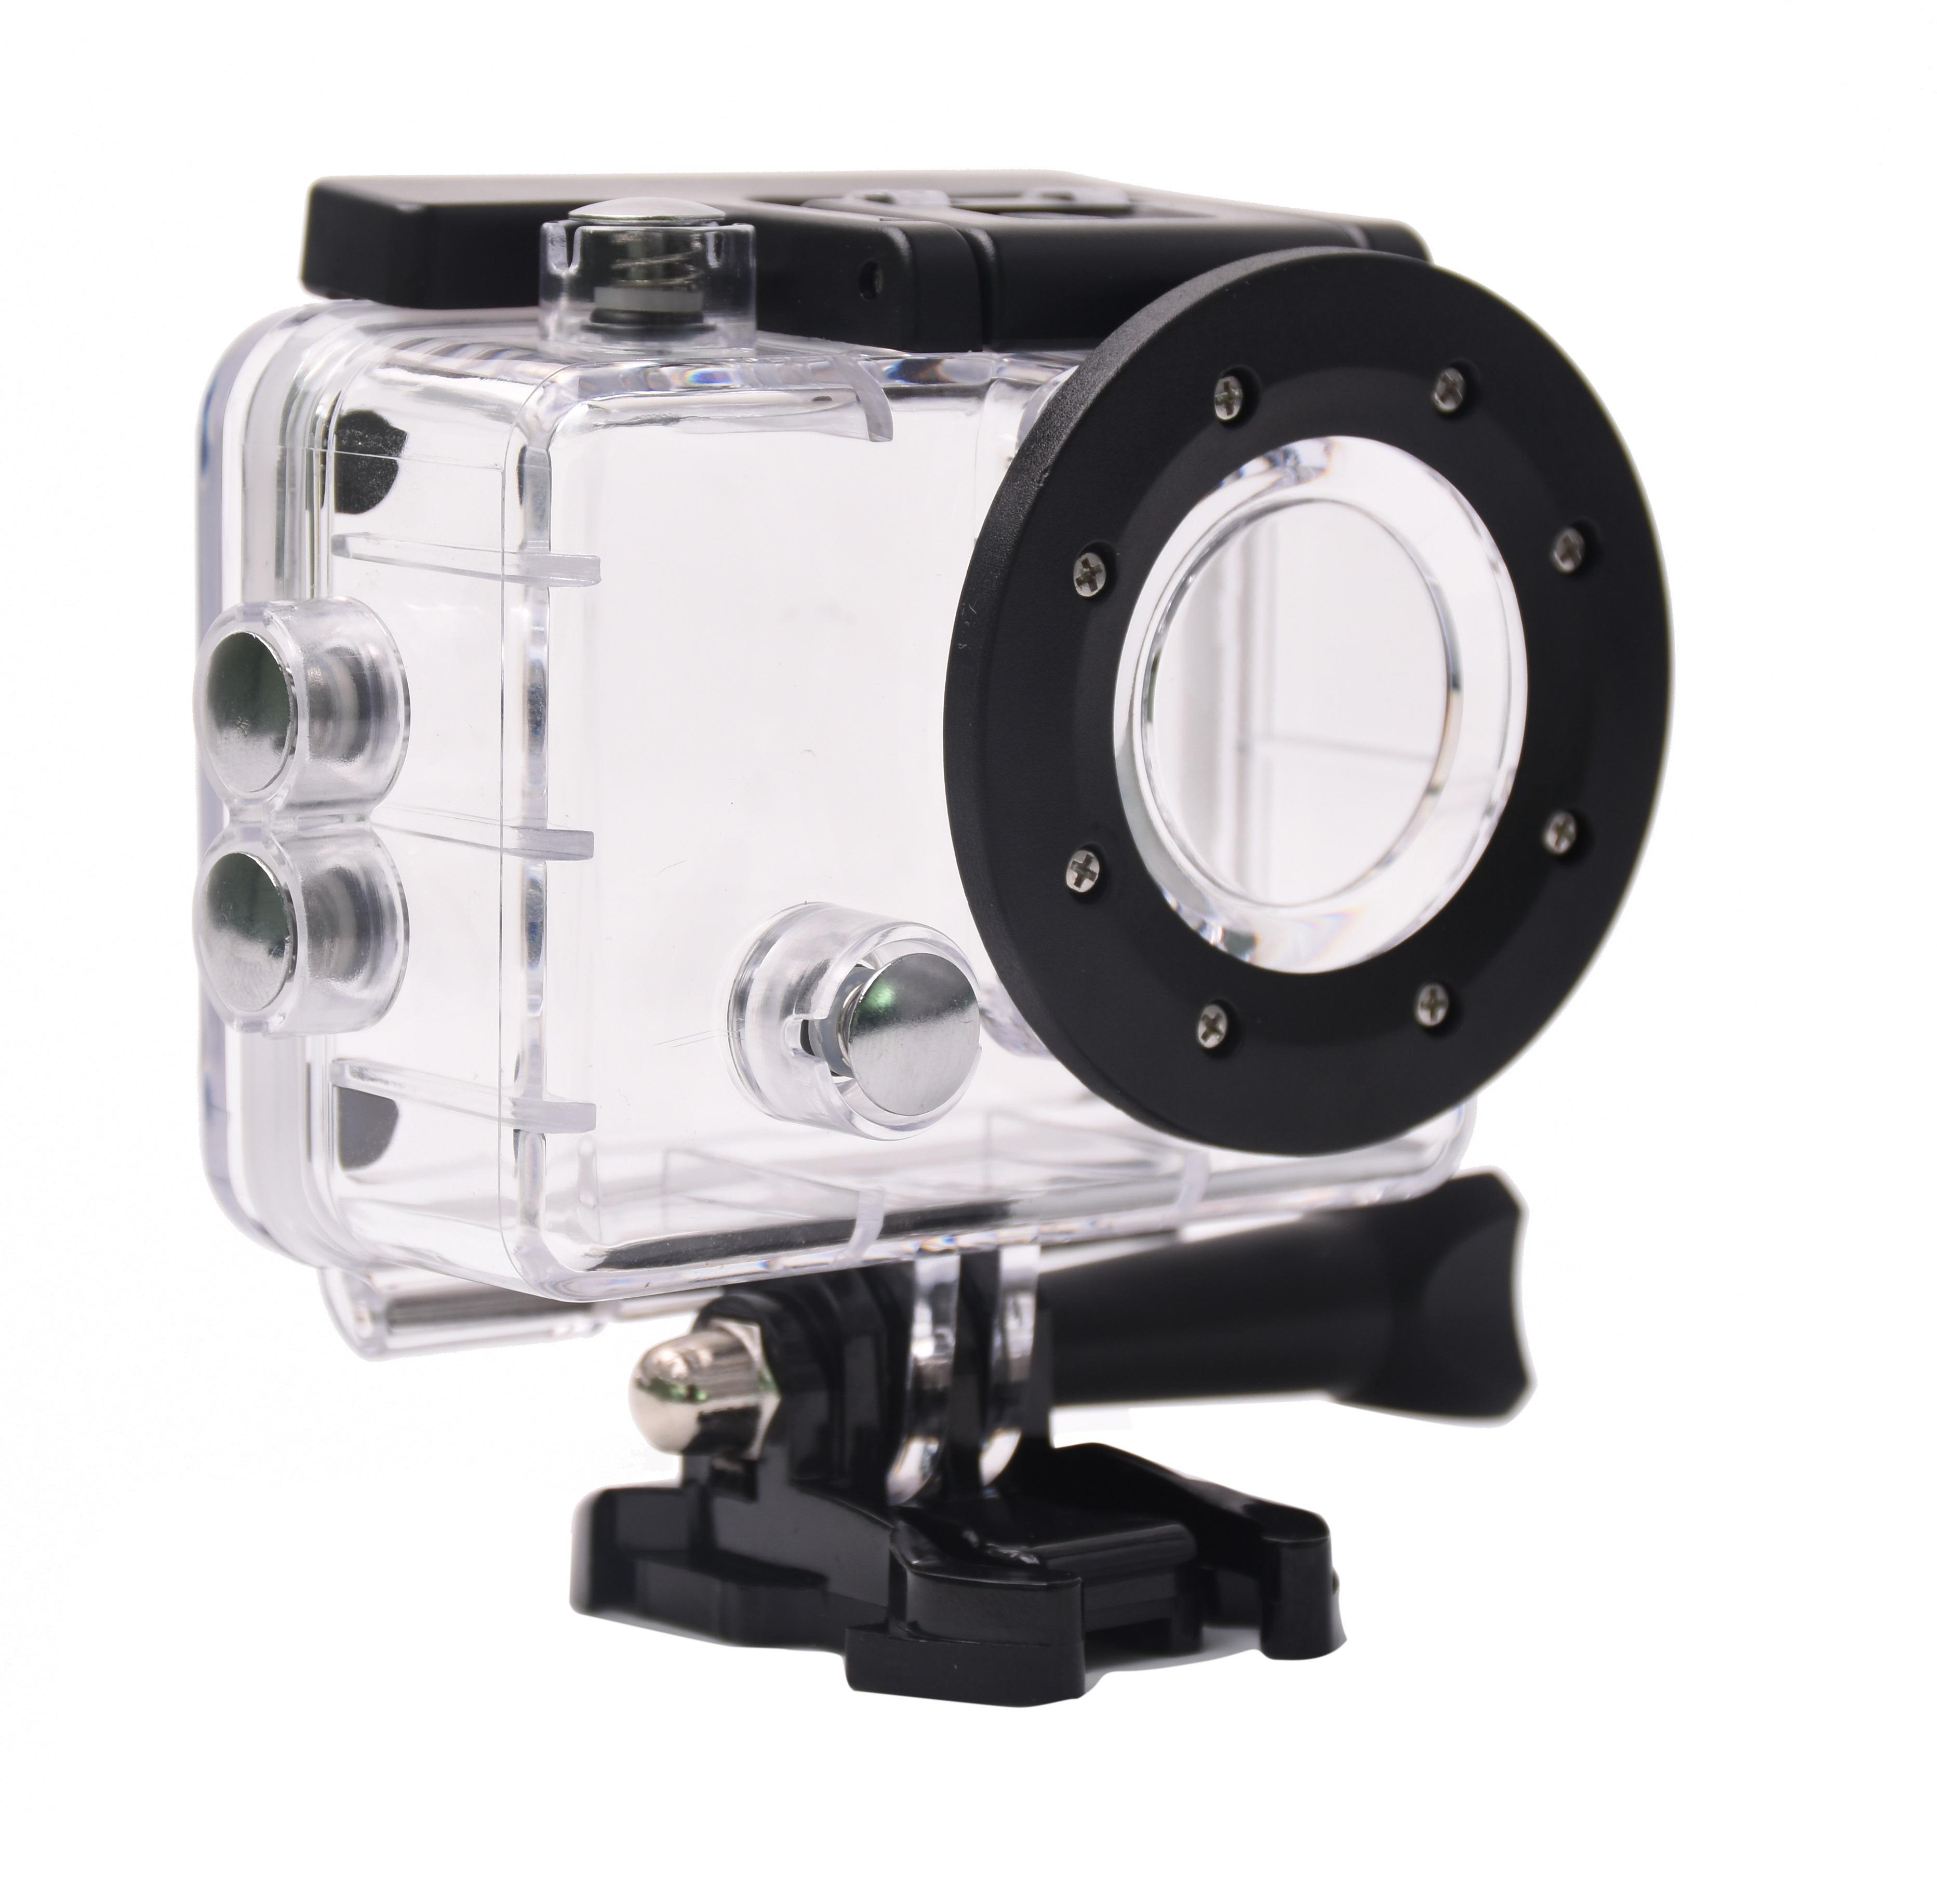 Prixton DV609 - Cámara de acción Sumergible de 1.3 MP (USB 2.0, CMOS, HD 720p) Color Gris